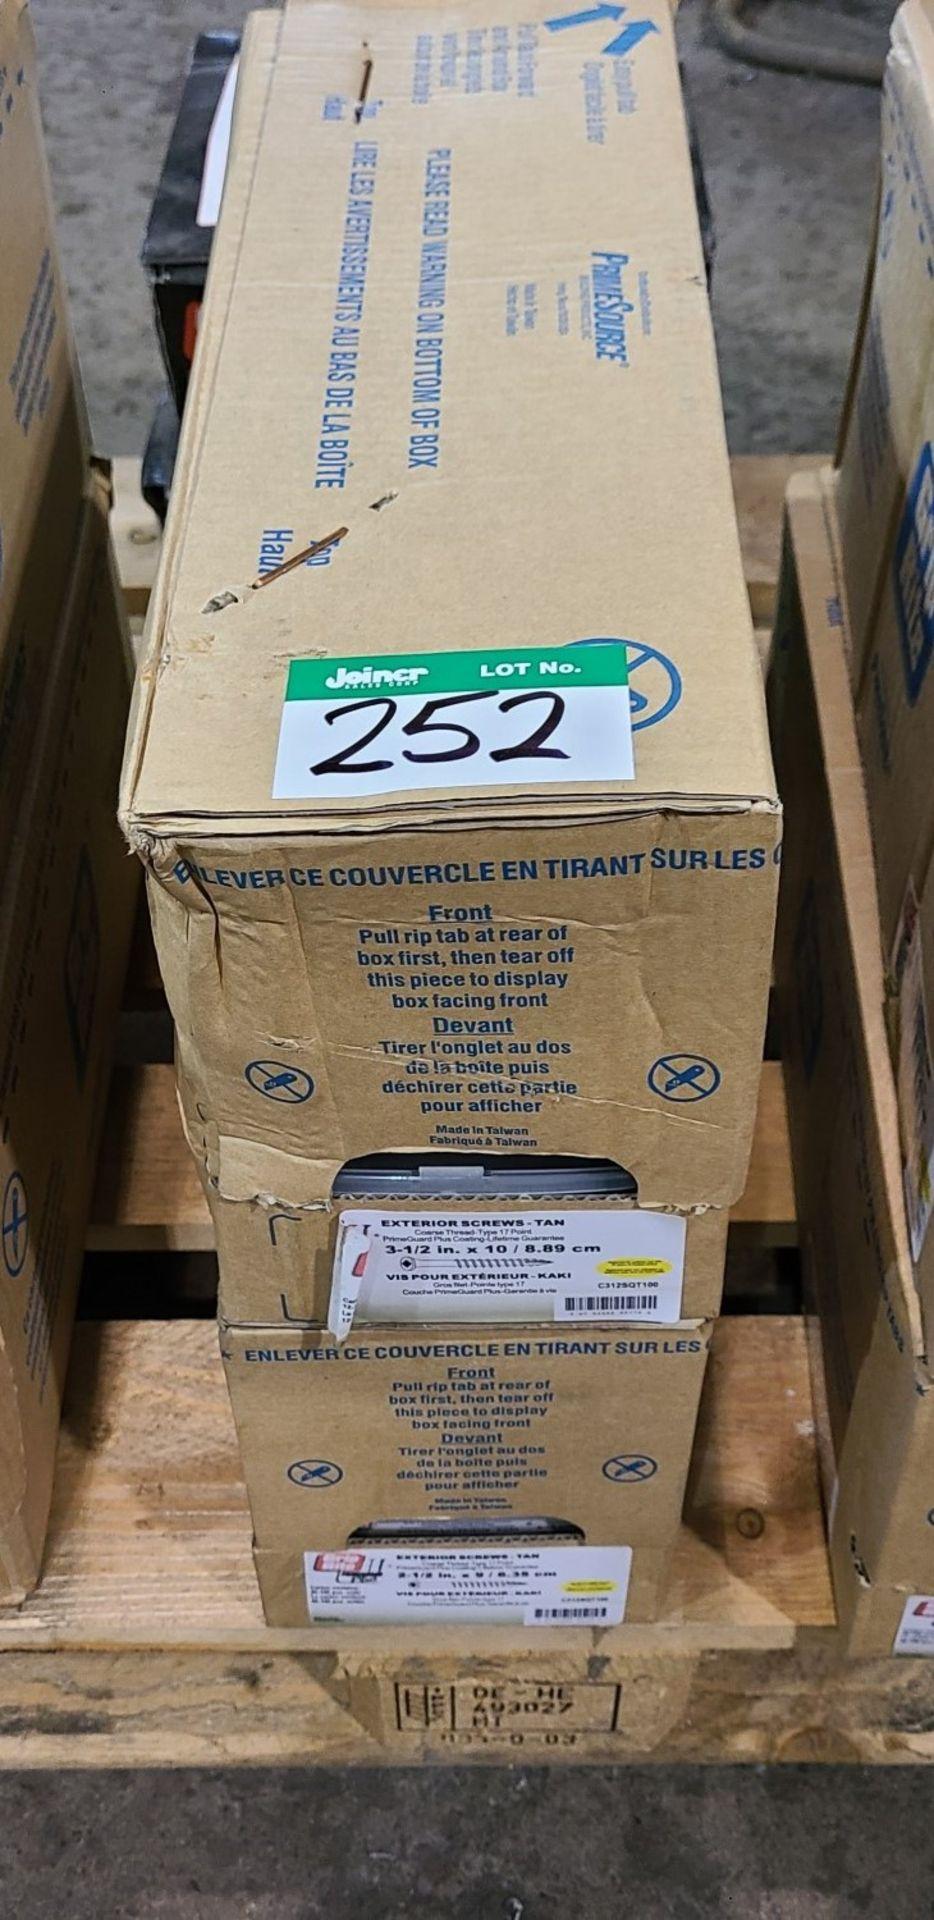 2 BOXES OF PRIME SOURCE EXTERIOR SCREWS - TAN